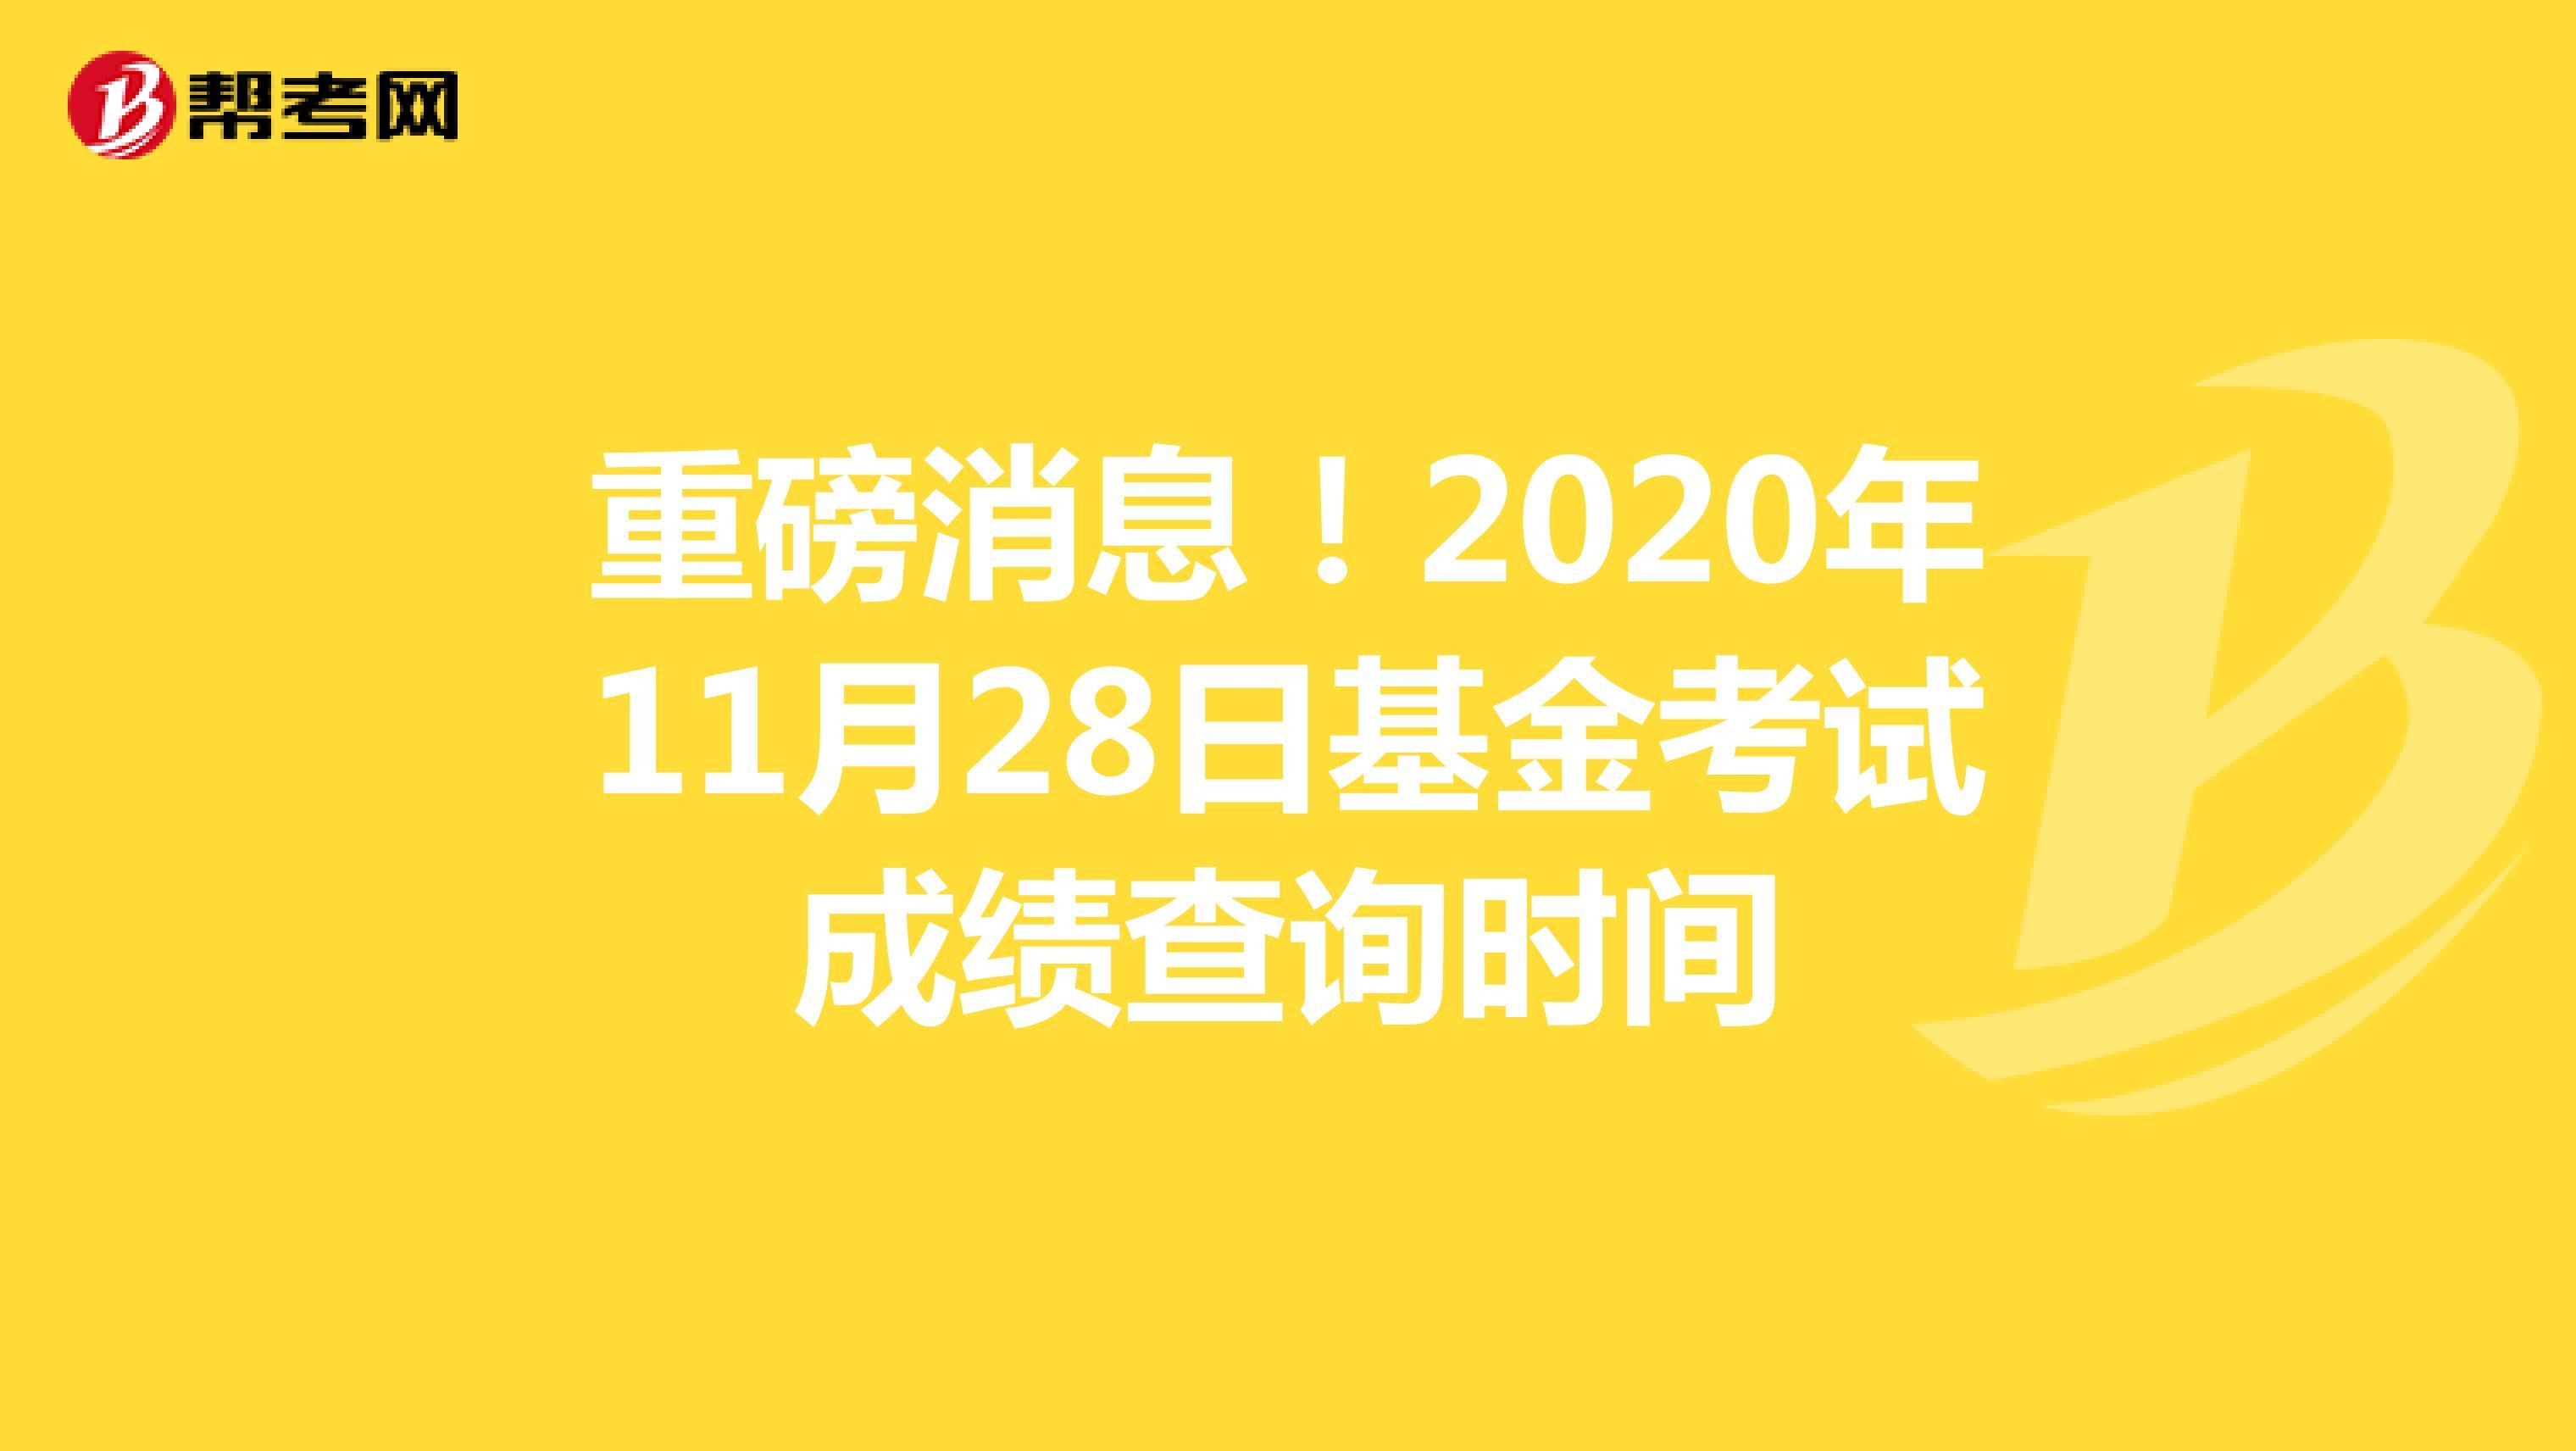 预计2020年11月28日基金考试成绩查询时间